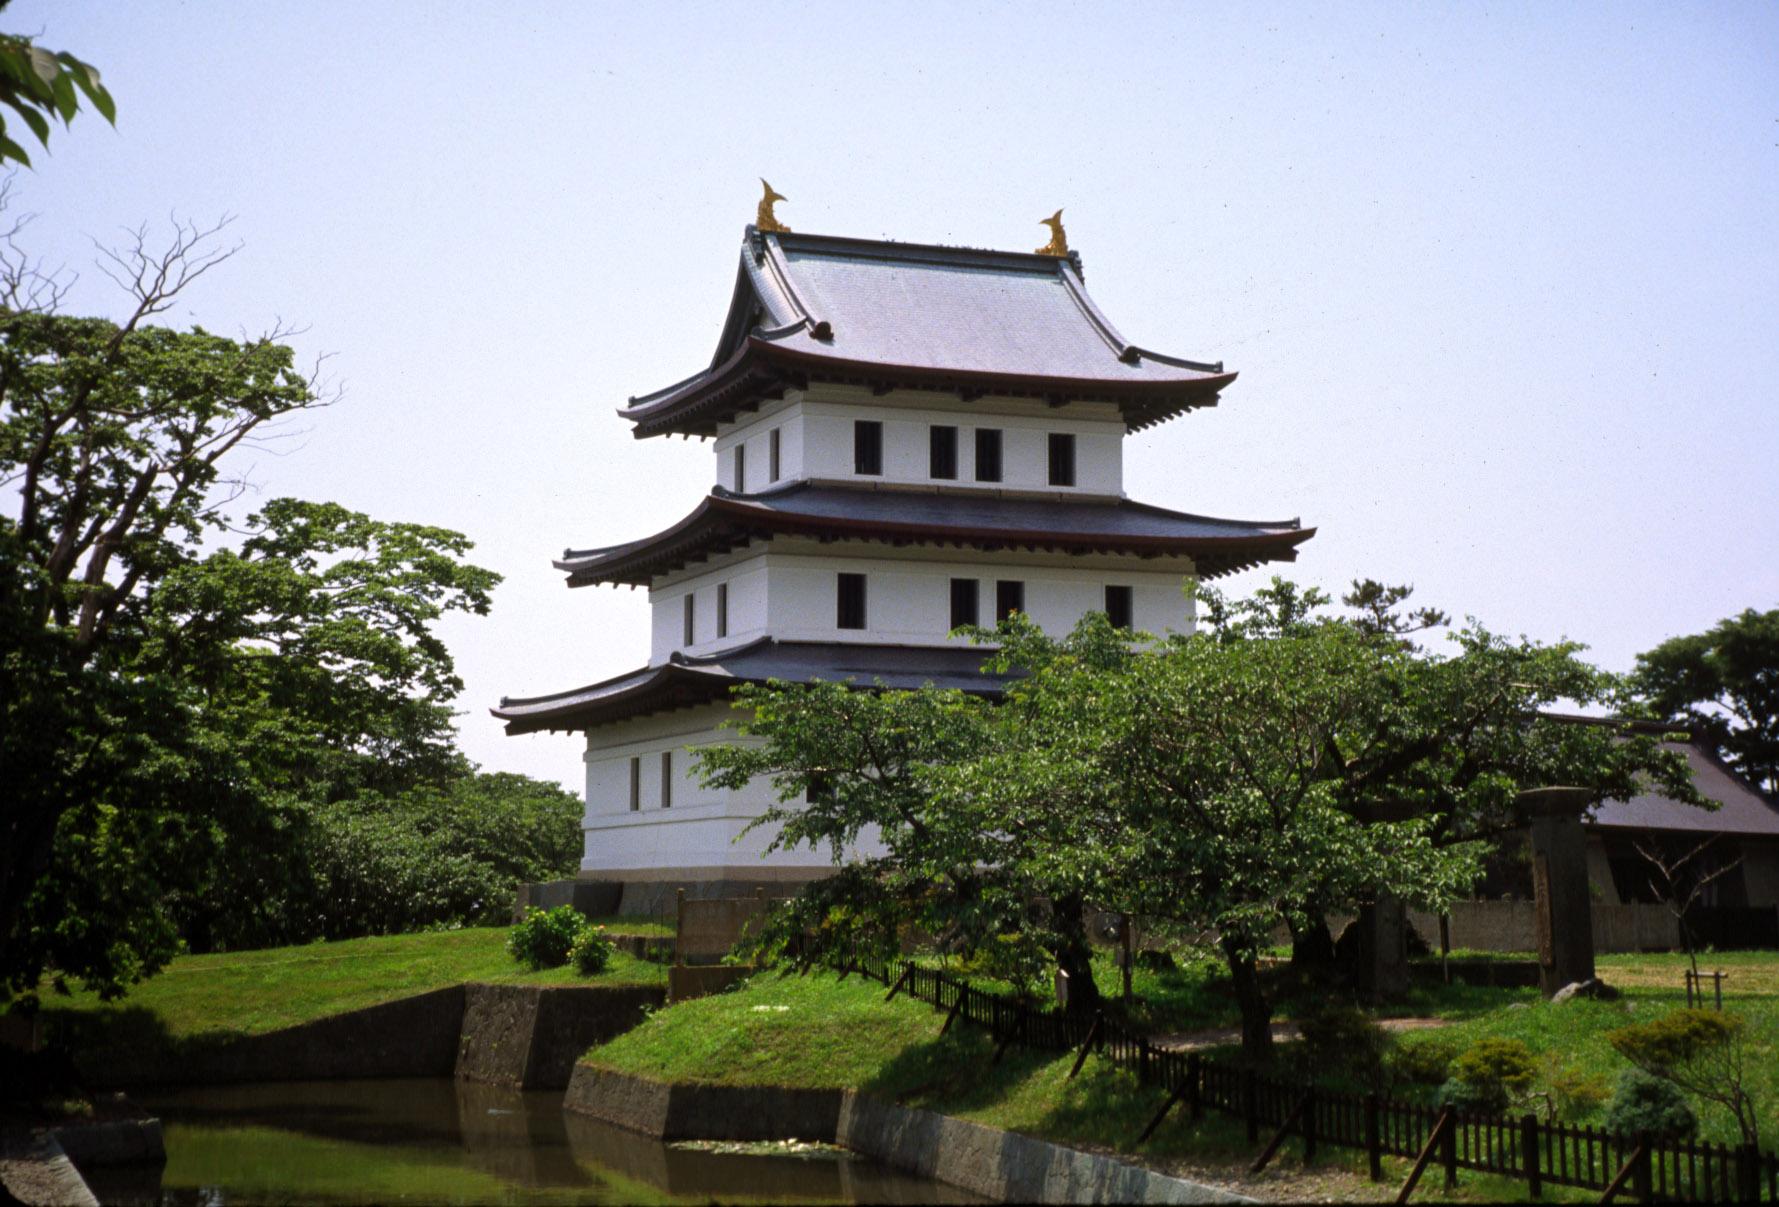 Matsumaecastle